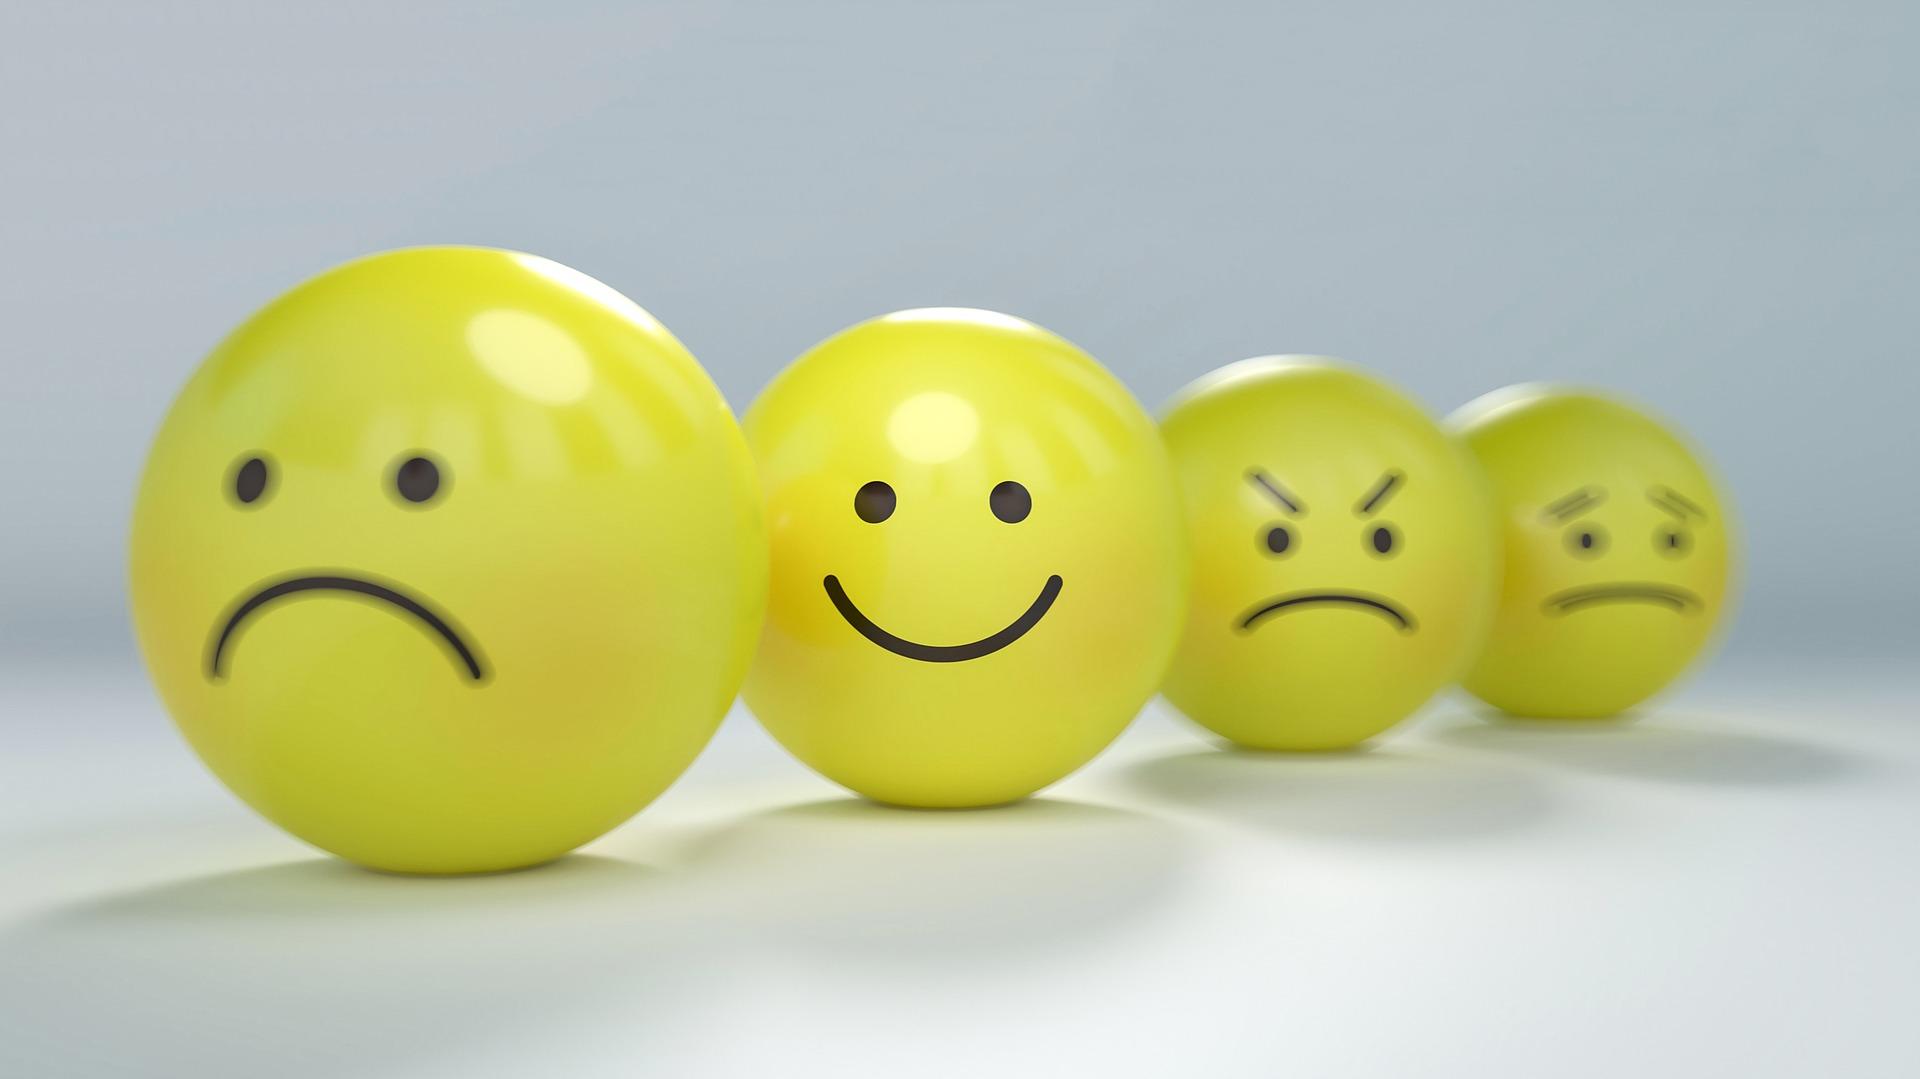 Visibly Media, social media like and dislike emoji